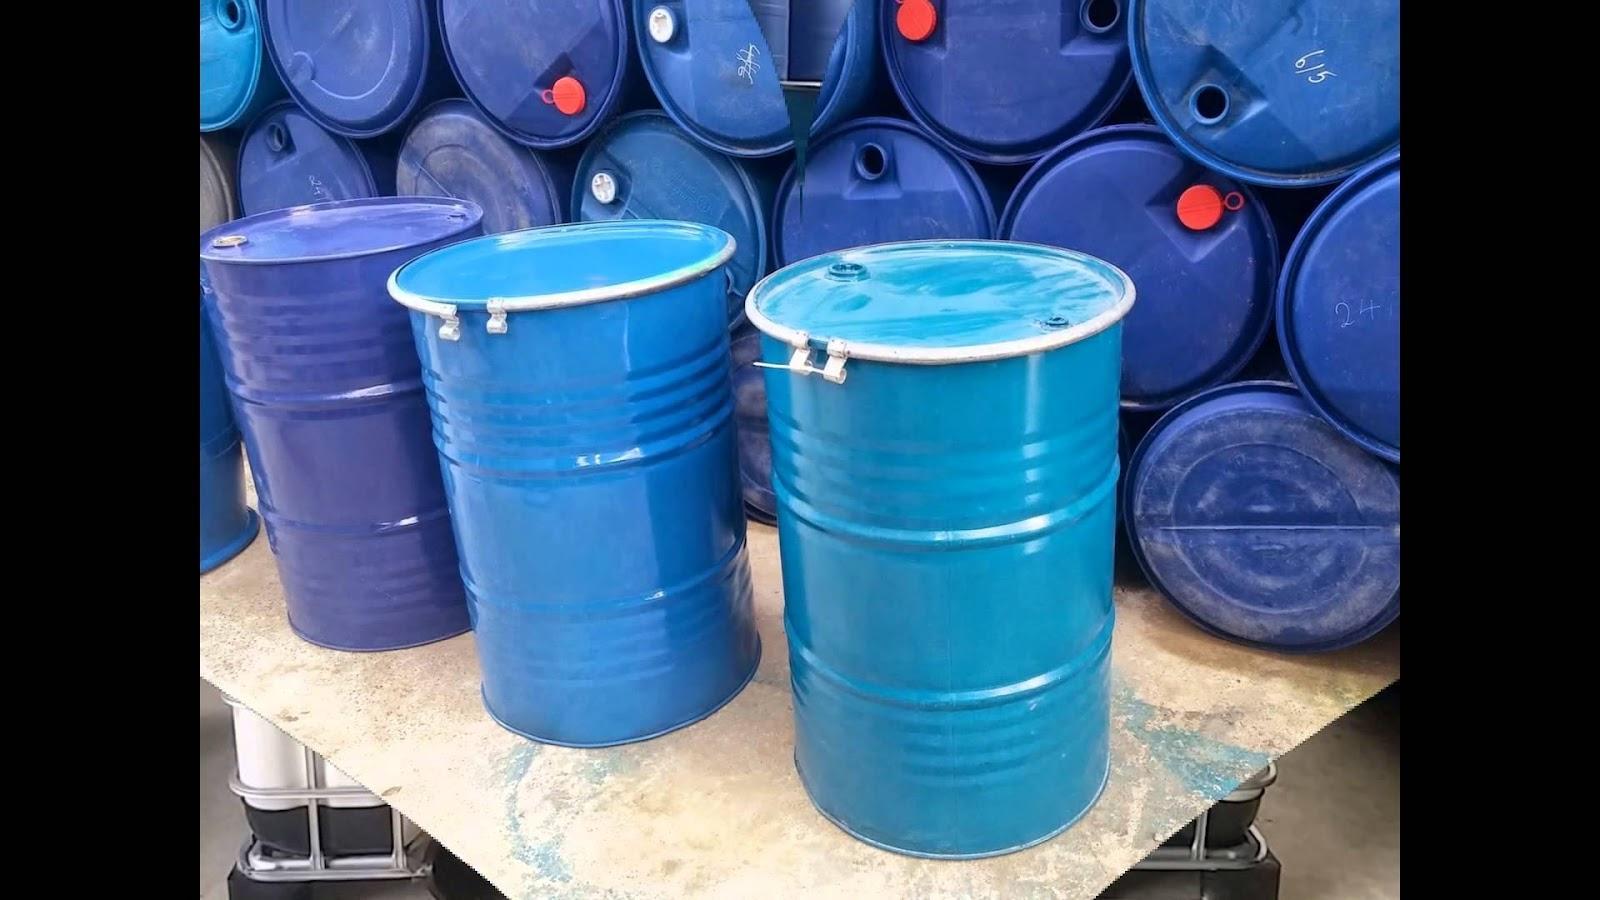 C:\Users\Administrator\Dropbox\CTV viet bai\Thanh\Bai da viet\2018\tháng 10\Nhựa Hoàng Phong\nhà sản xuất thùng phuy sắt\nha-san-xuat-thung-phuy-sat 01.jpg